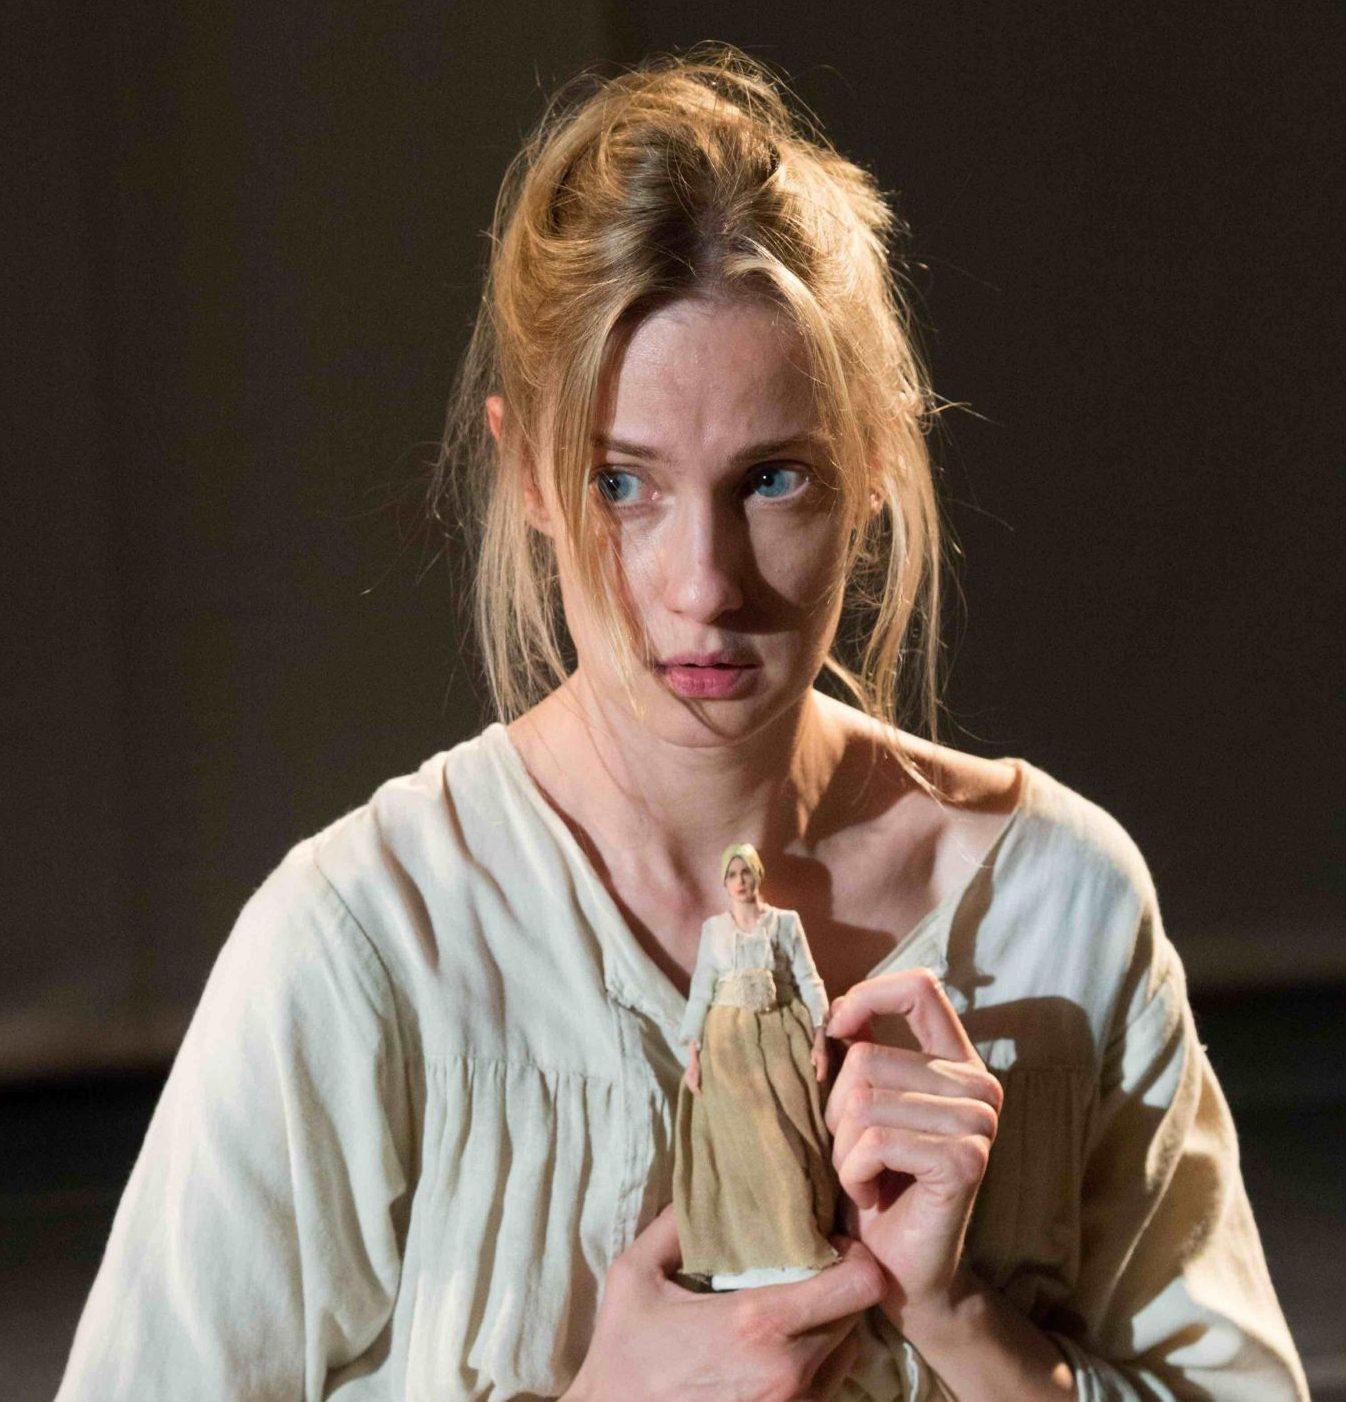 Eva Riccobono protagonista di Coltelli nelle Galline, in scena al Franco Parenti